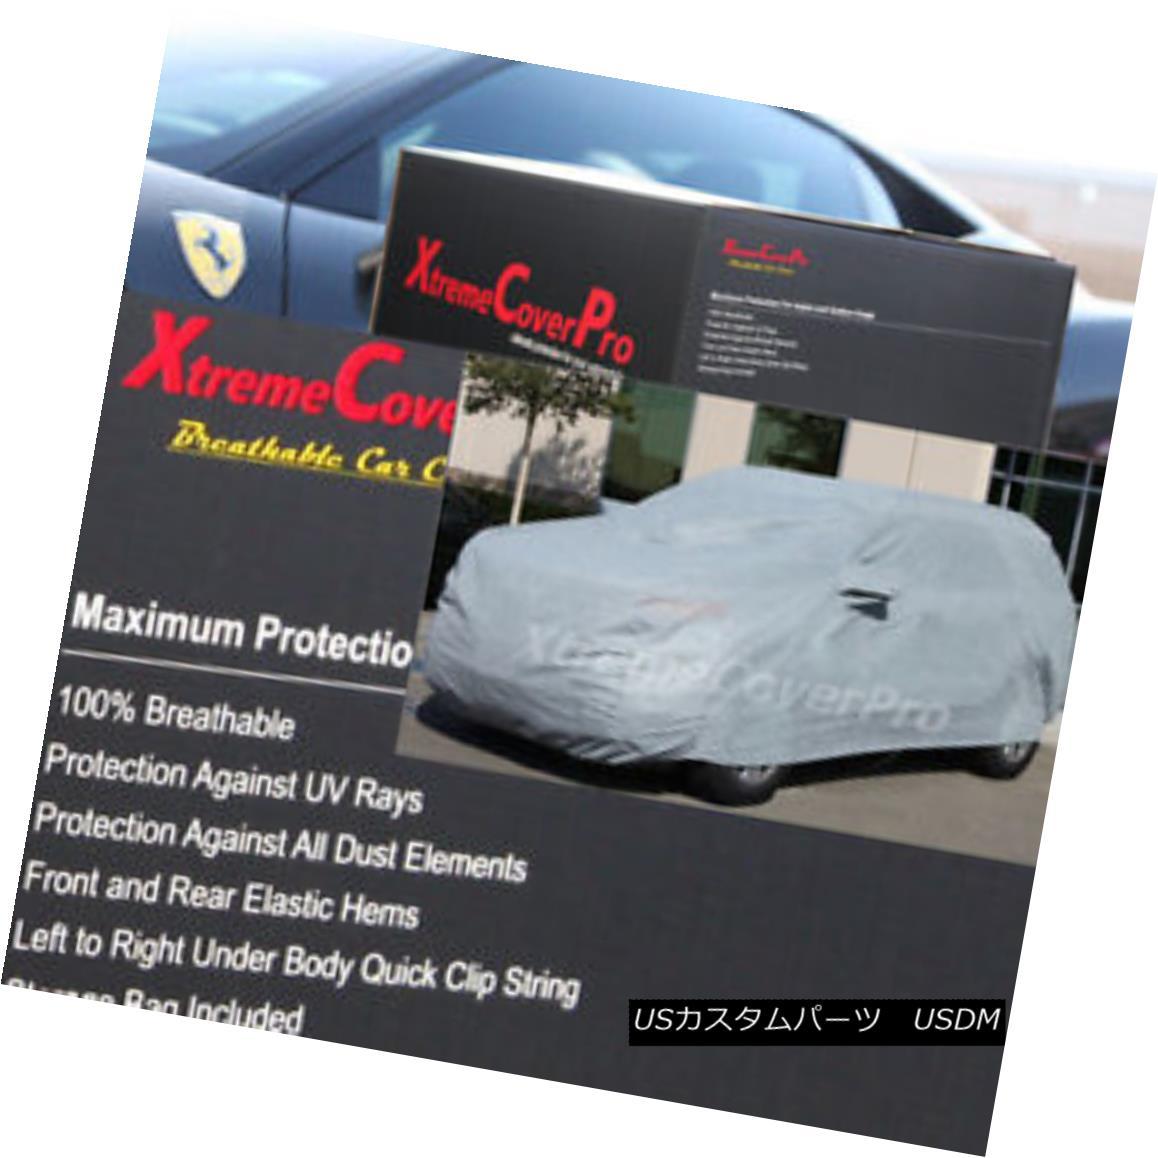 カーカバー 1995 1996 1997 1998 1999 Chevy Tahoe 2Door Breathable Car Cover w/MirrorPocket 1995 1996 1997 1998 1999 Chevy Tahoe 2Door通気性車カバー付き/ MirrorPocket